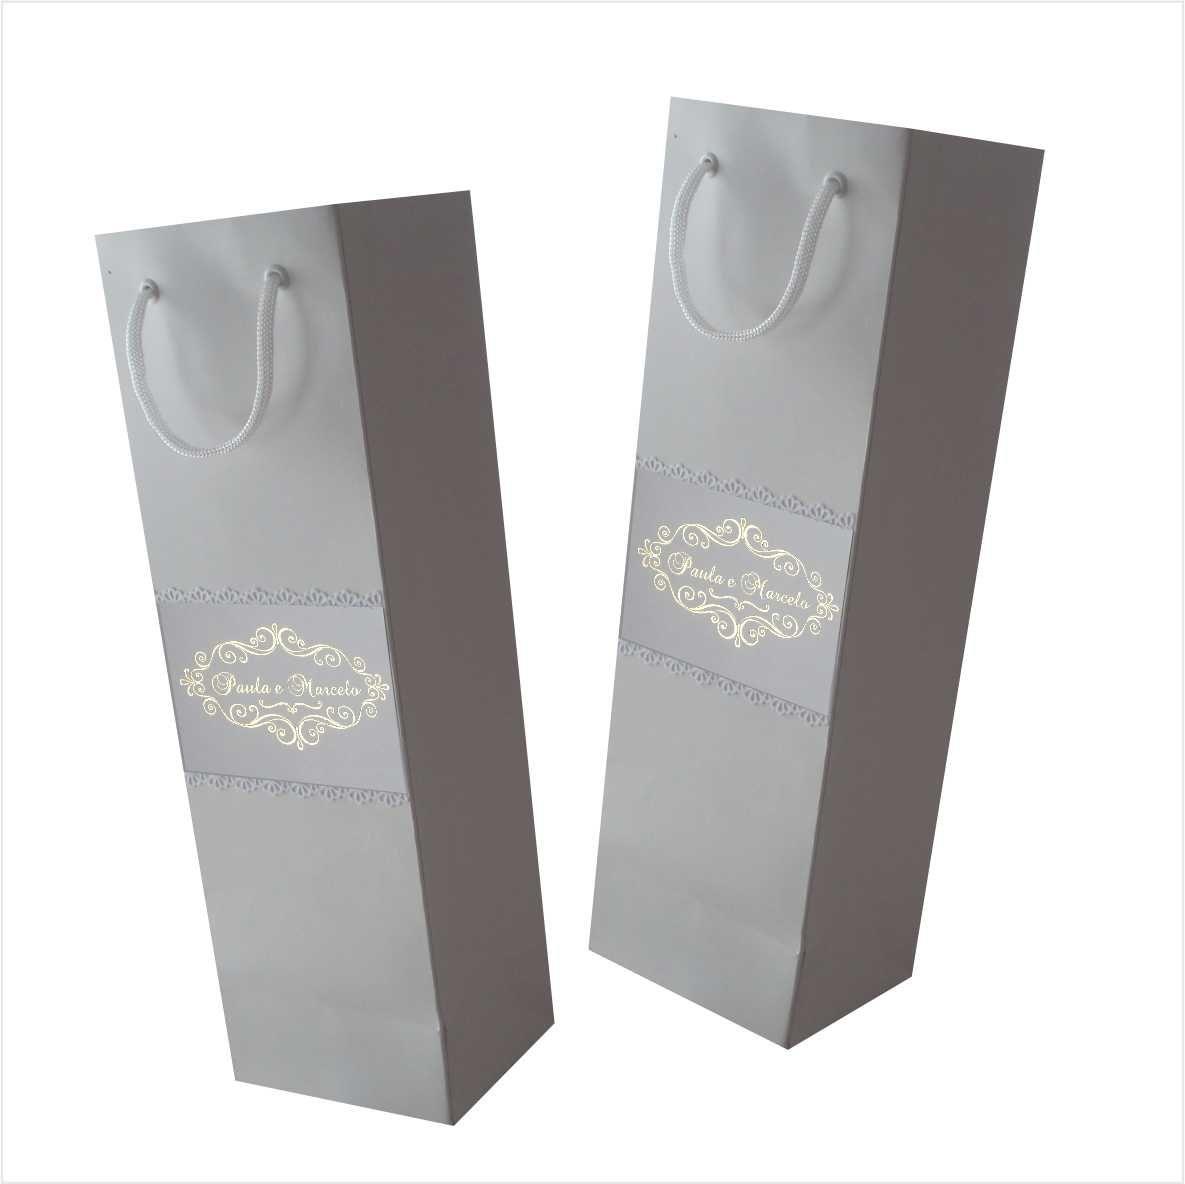 Sacola para 01 garrafa cor branca  personalizada (11x35x9 cm) - 10 unidades